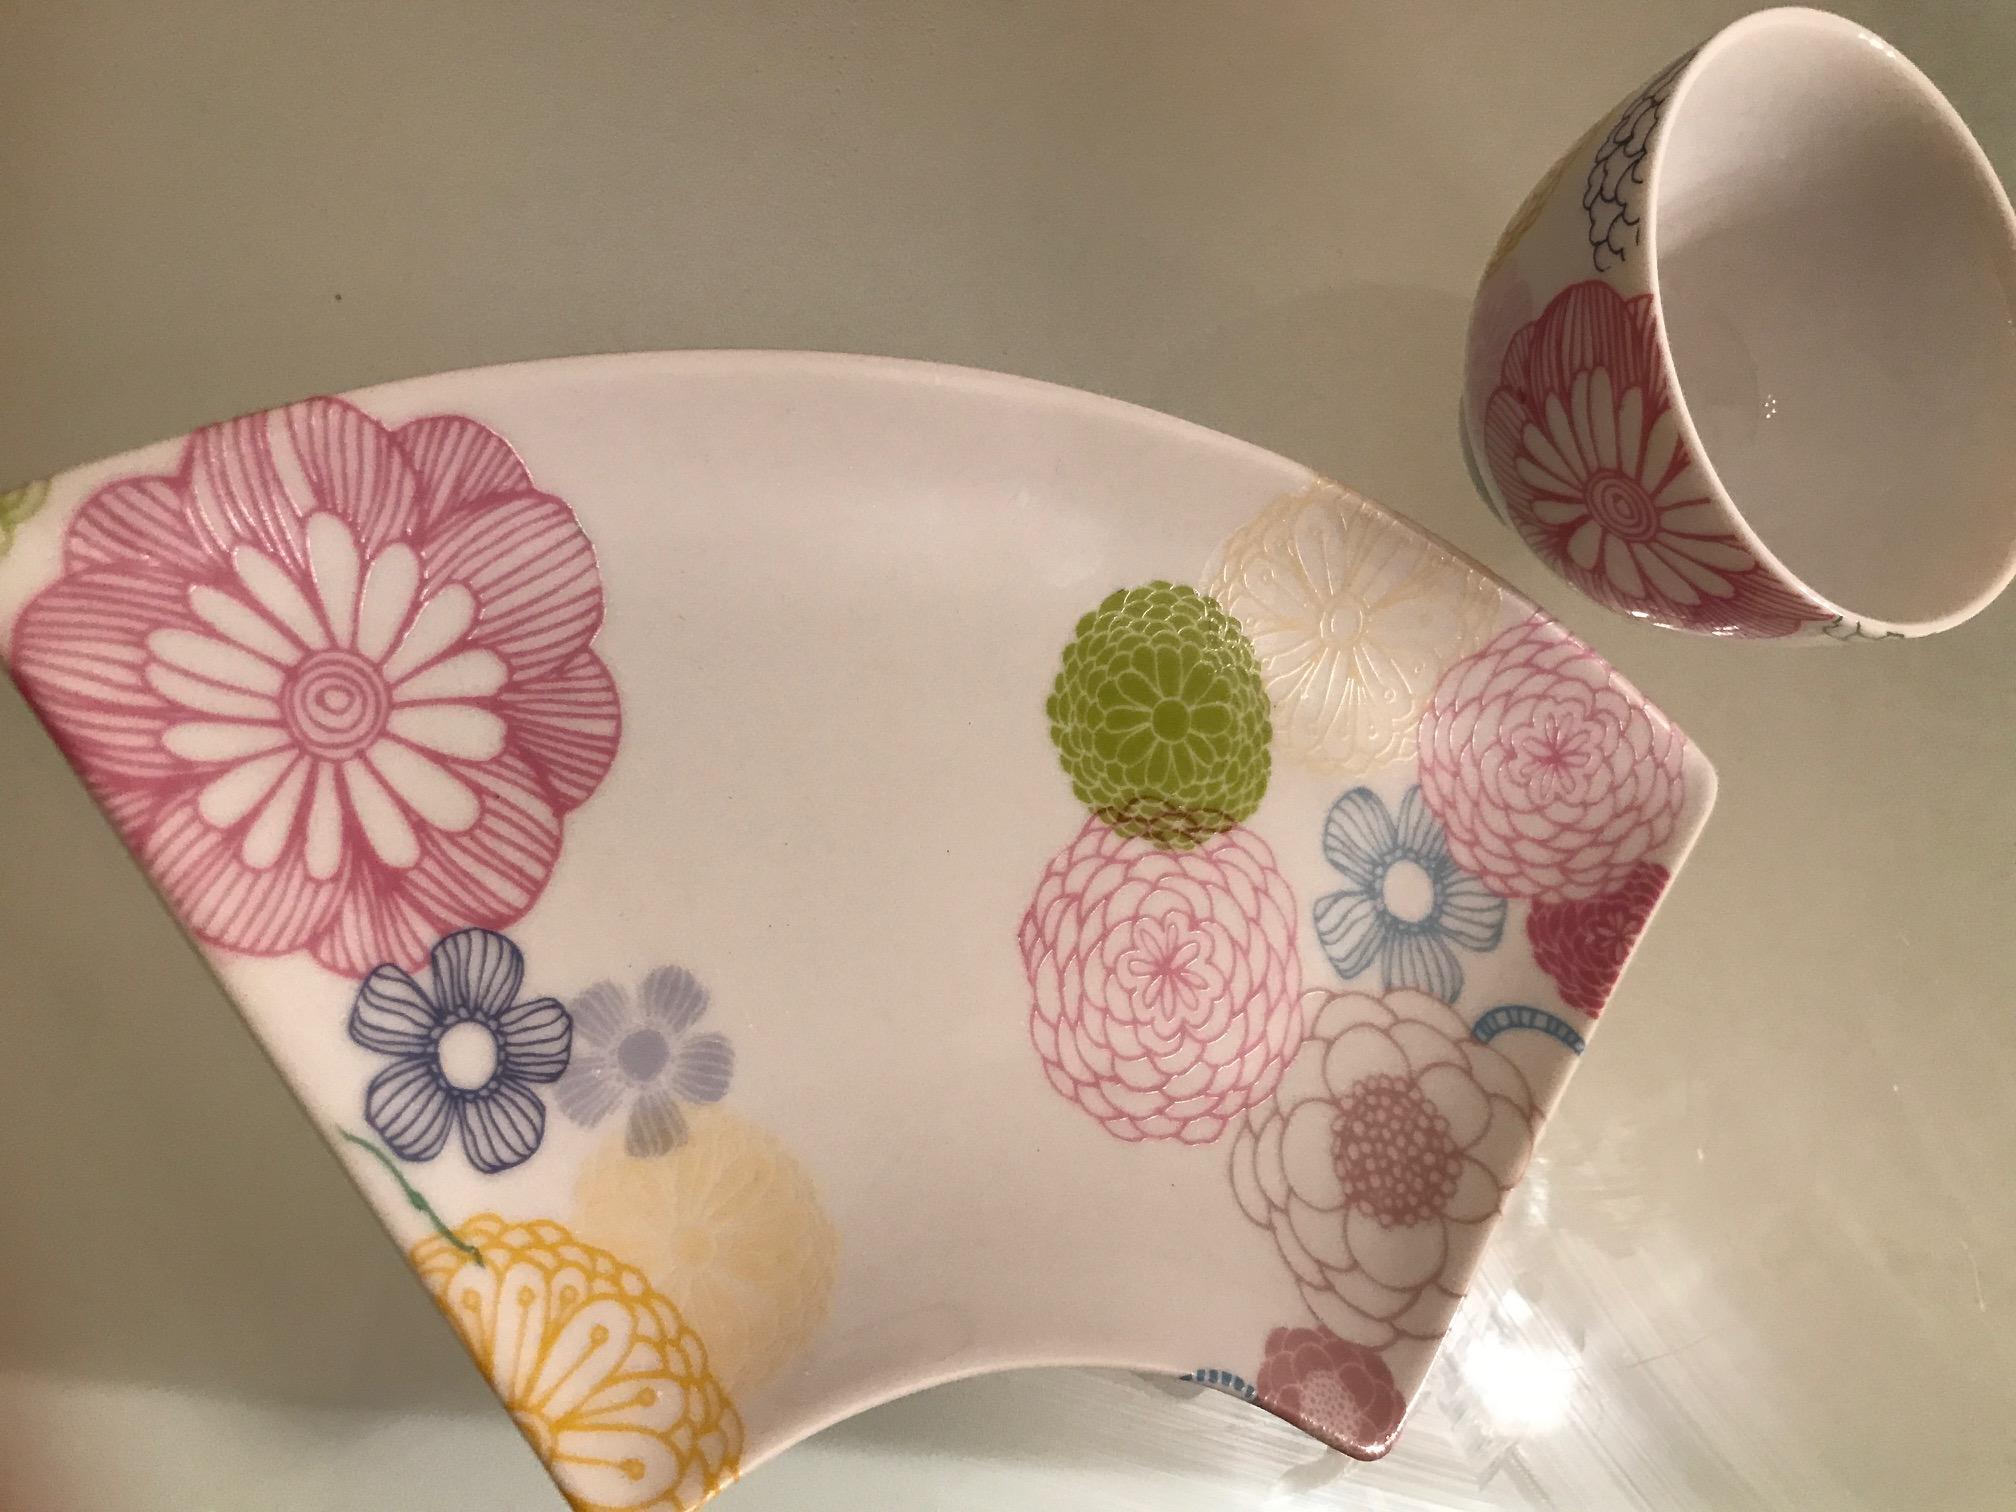 ポーセラツで手作り和食器体験!!好きな柄で自分だけのお皿を!